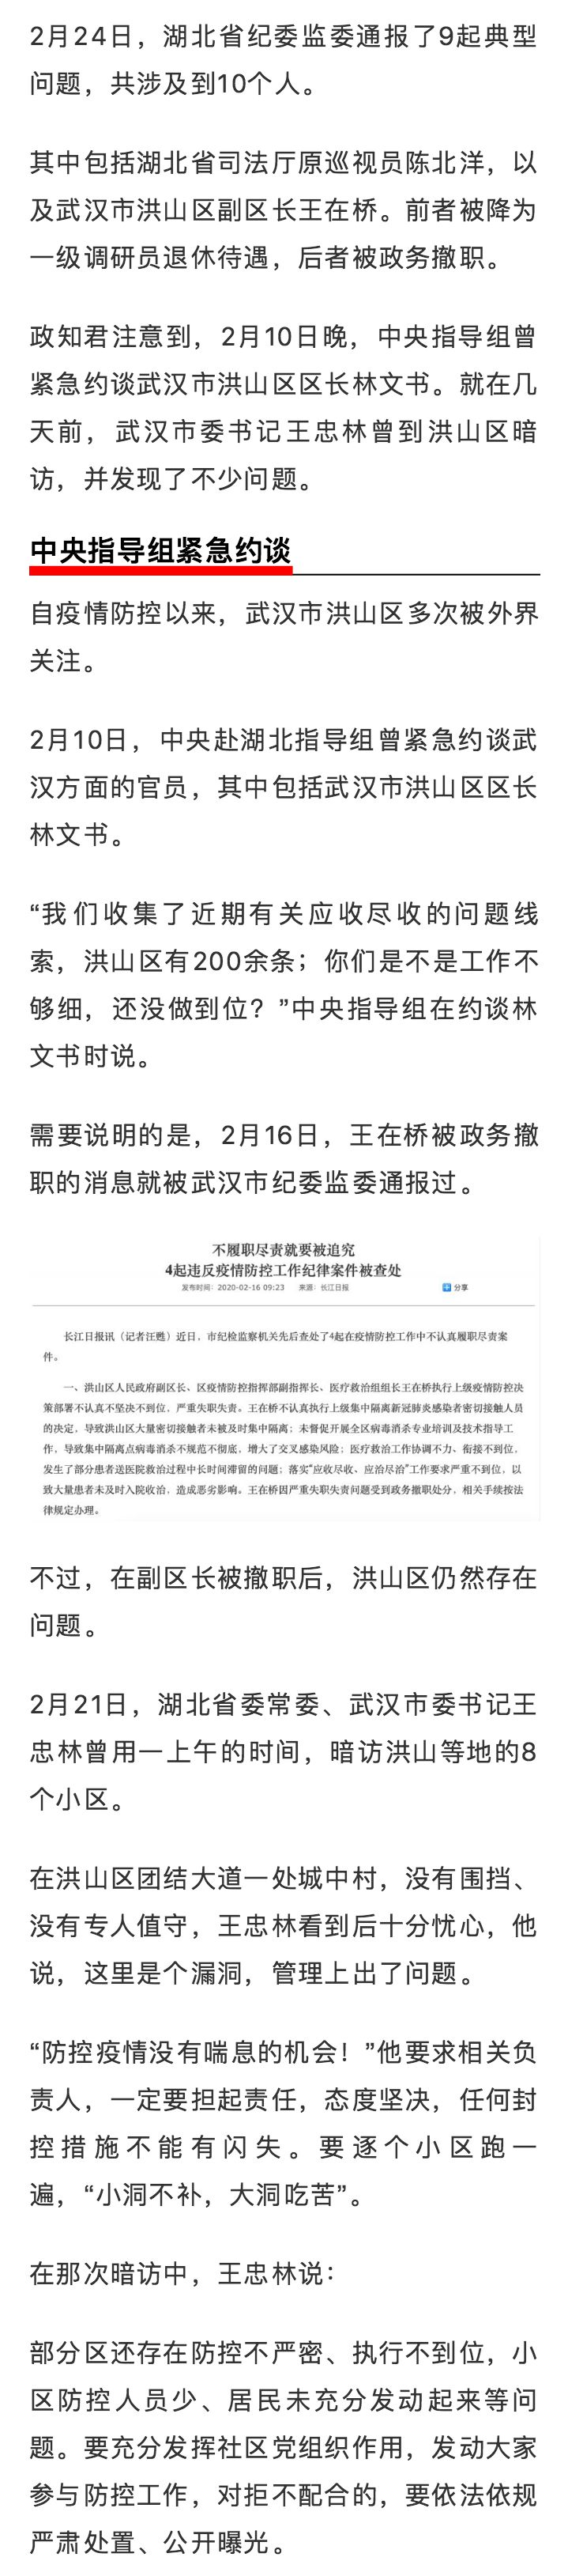 【蓝冠】痛批的陈副厅长还被纪委查出了其他问蓝冠题图片